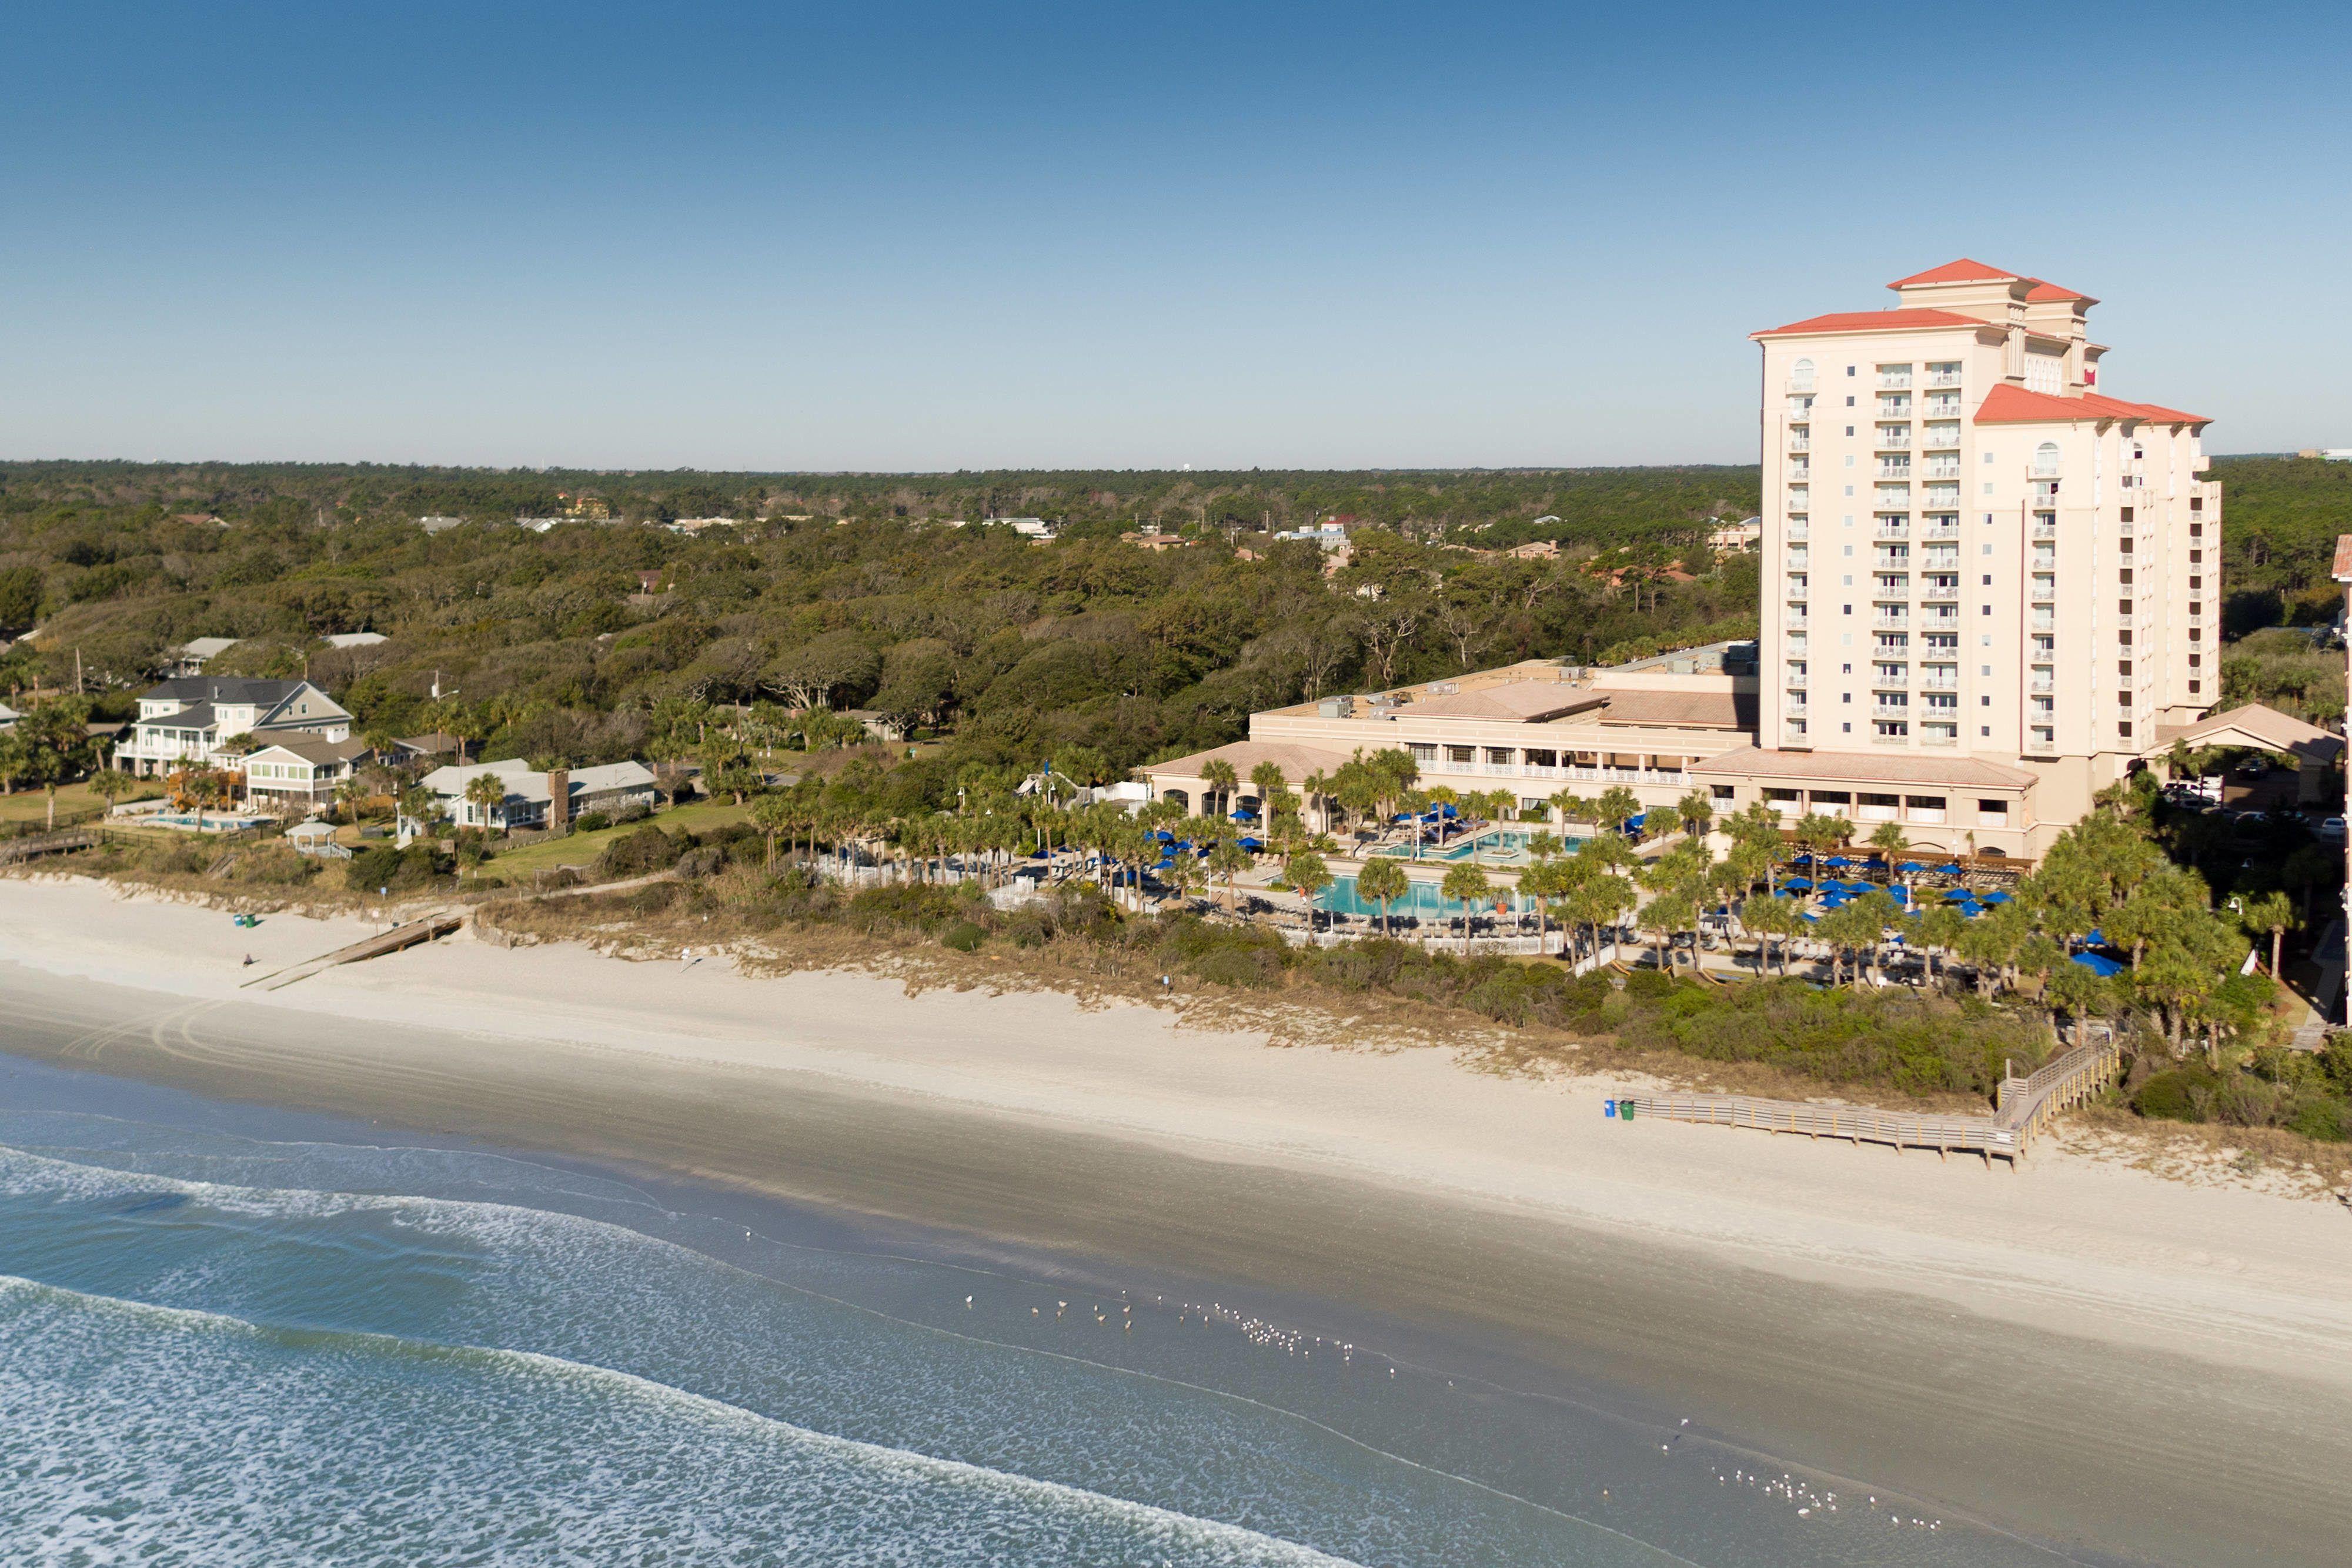 Myrtle Beach Marriott Resort Myrtle Beach Hotels Myrtle Beach Marriott Myrtle Beach Resorts